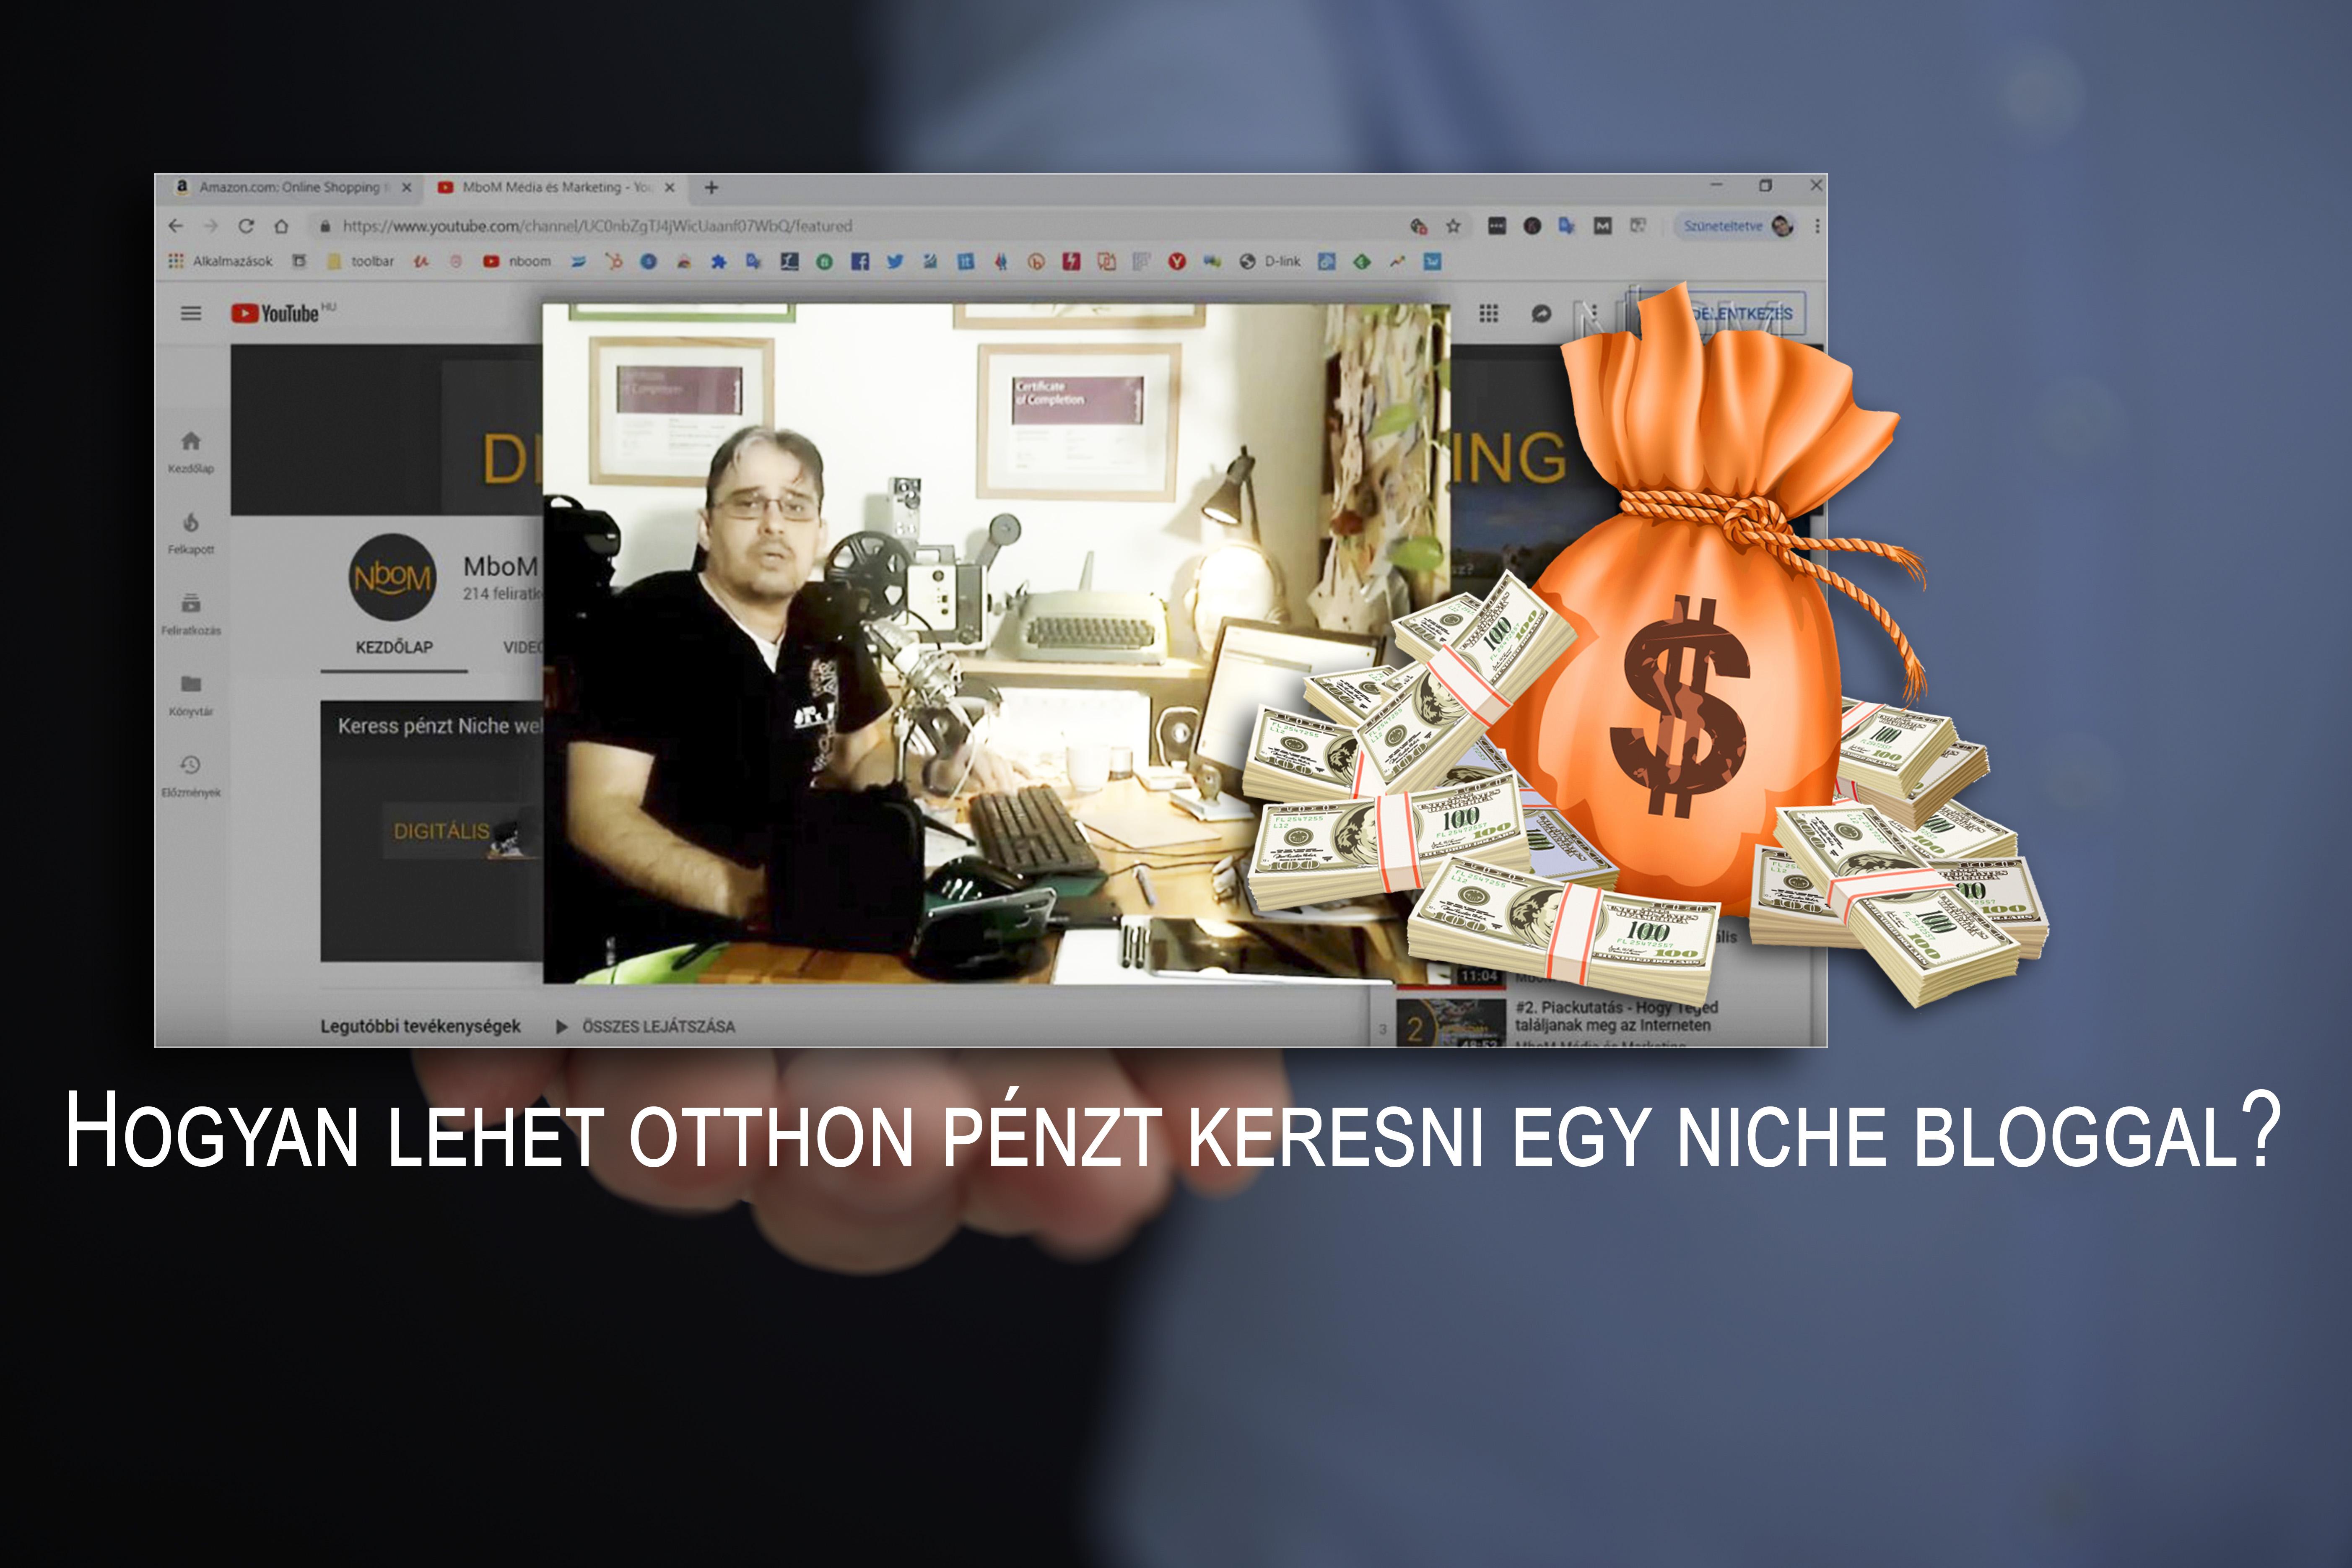 Periscope videókkal is lehet pénzt keresni - HWSW